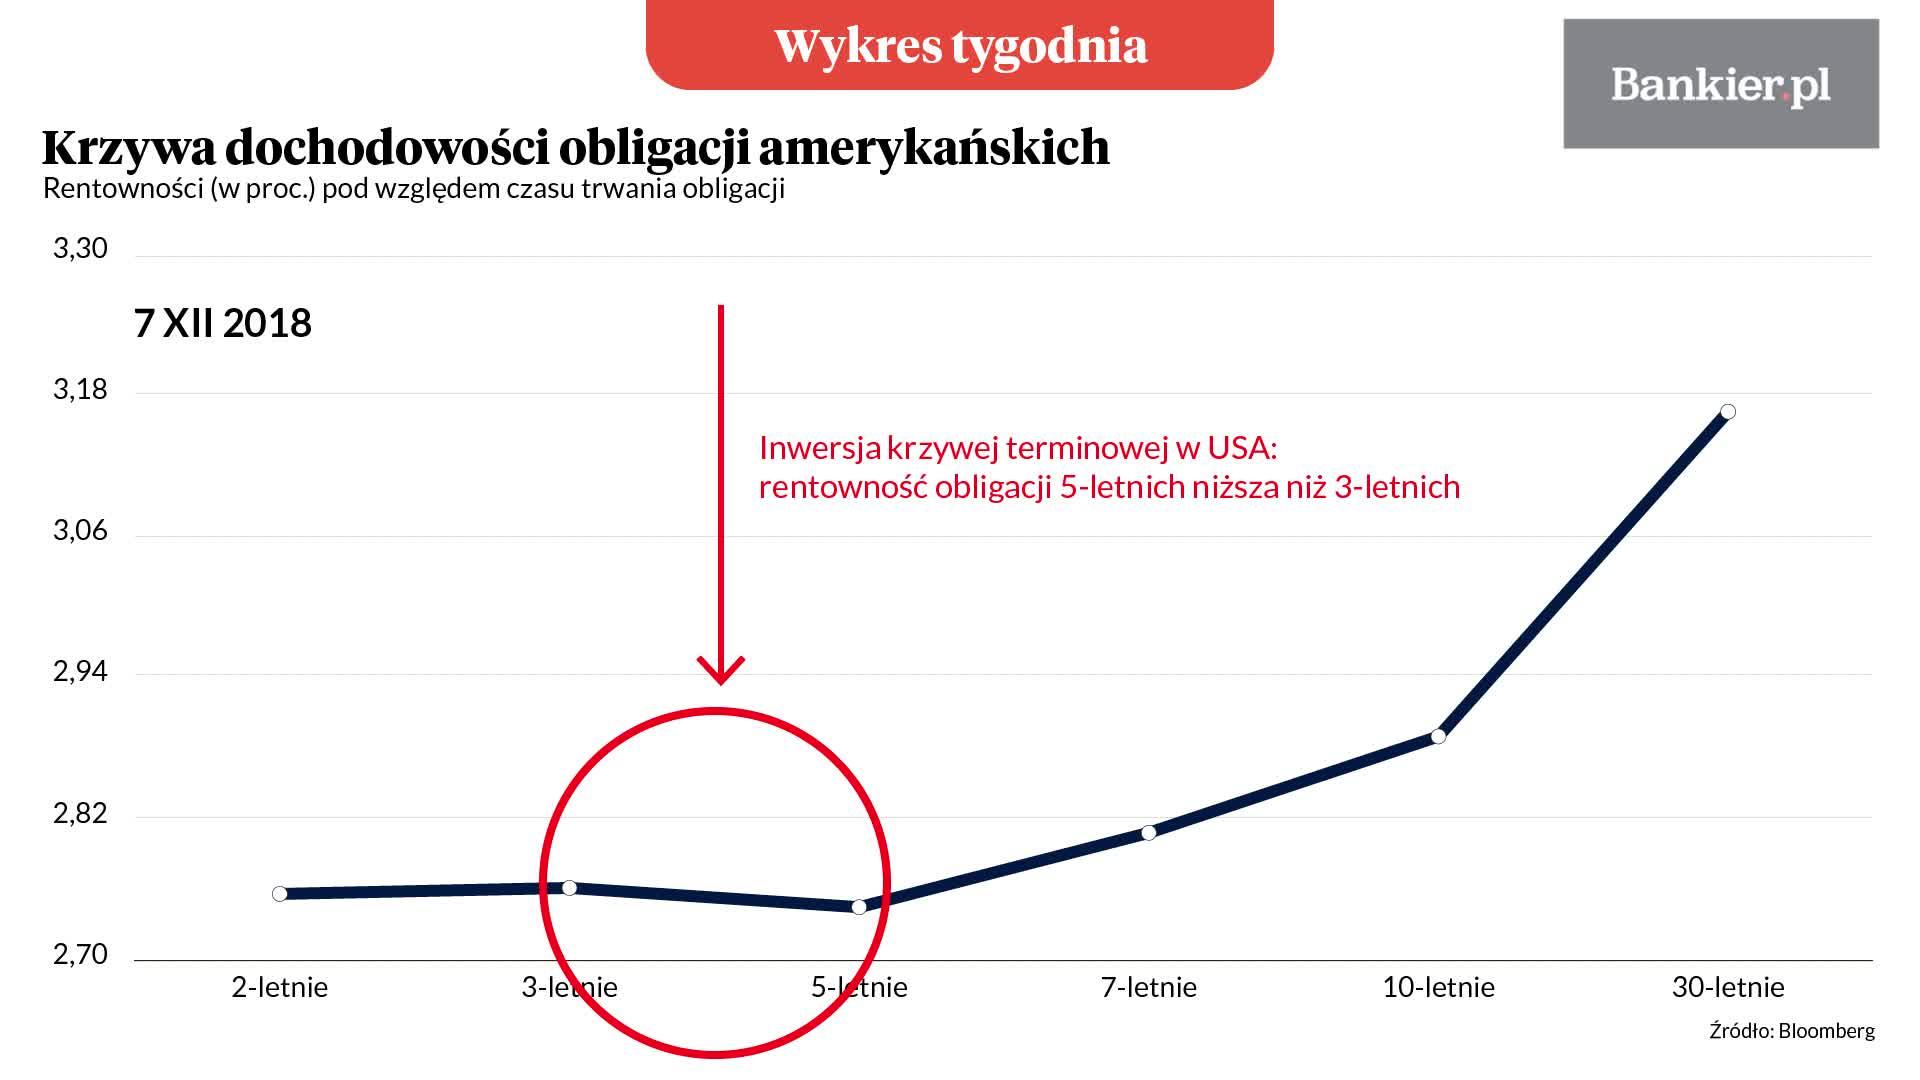 Wykres tygodnia: Pierwsza od 2007 roku inwersja krzywej terminowej w USA